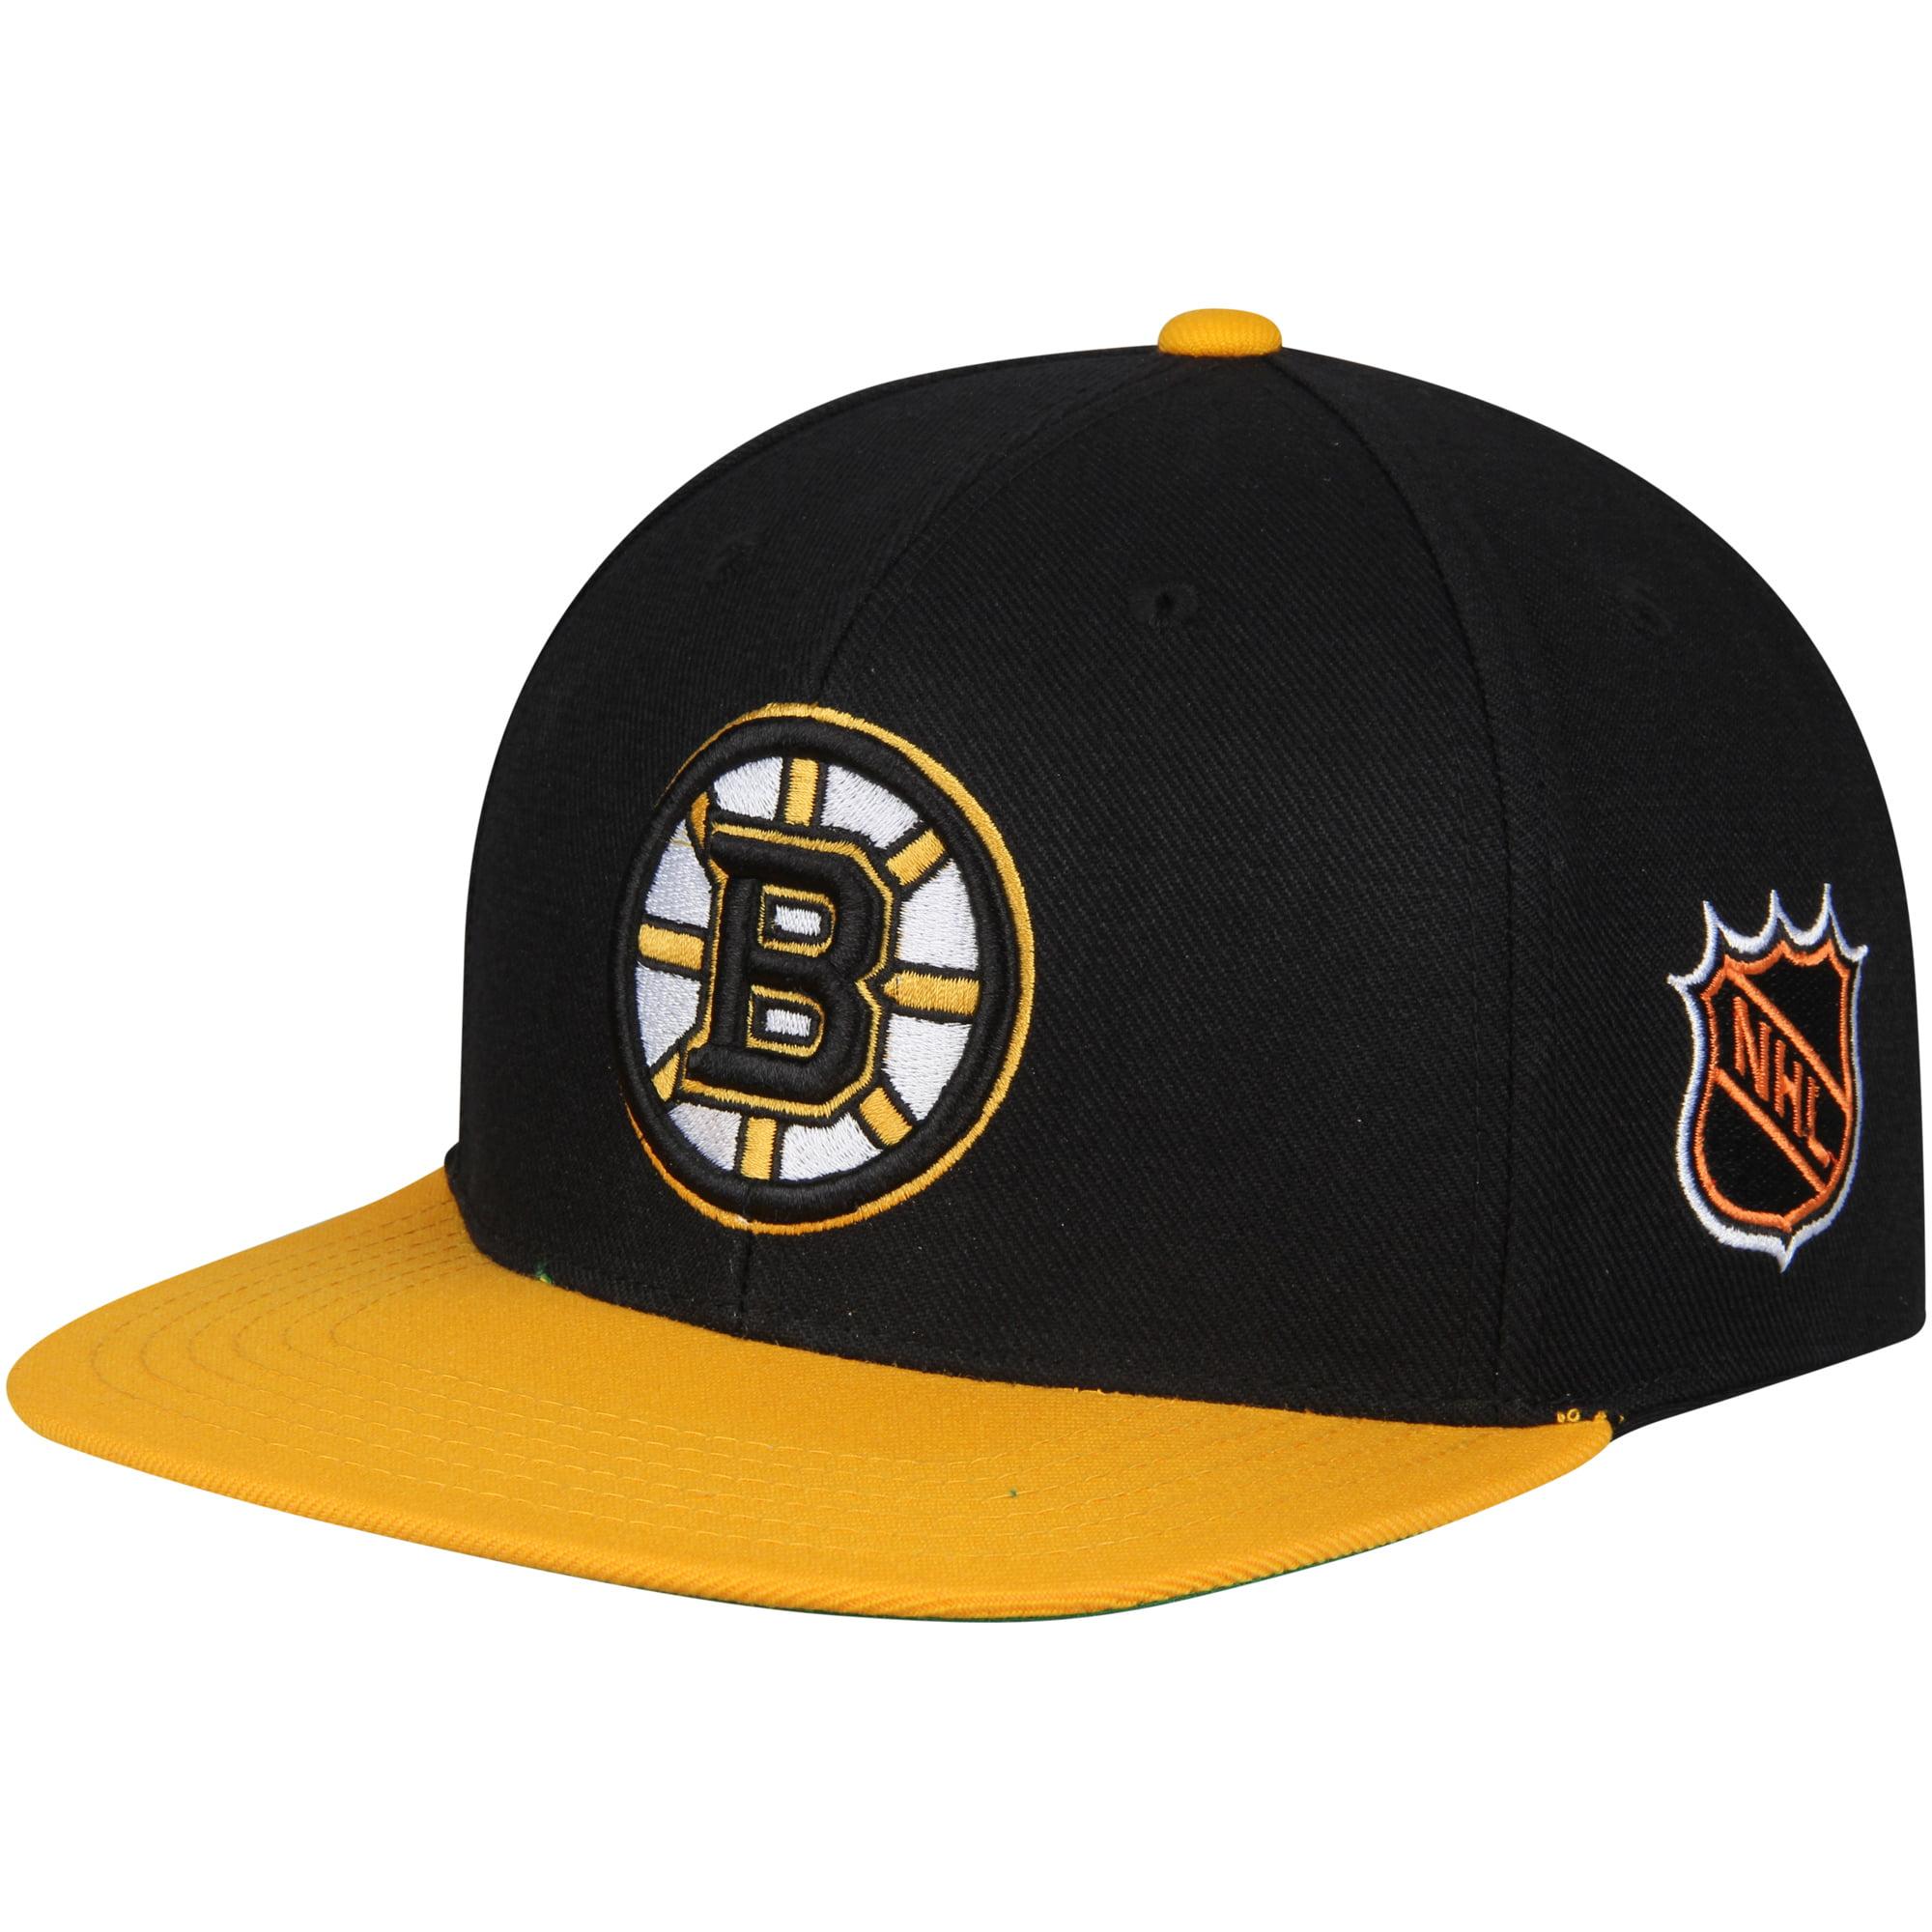 Boston Bruins American Needle Blockhead Snapback Adjustable Hat - Black/Gold - OSFA